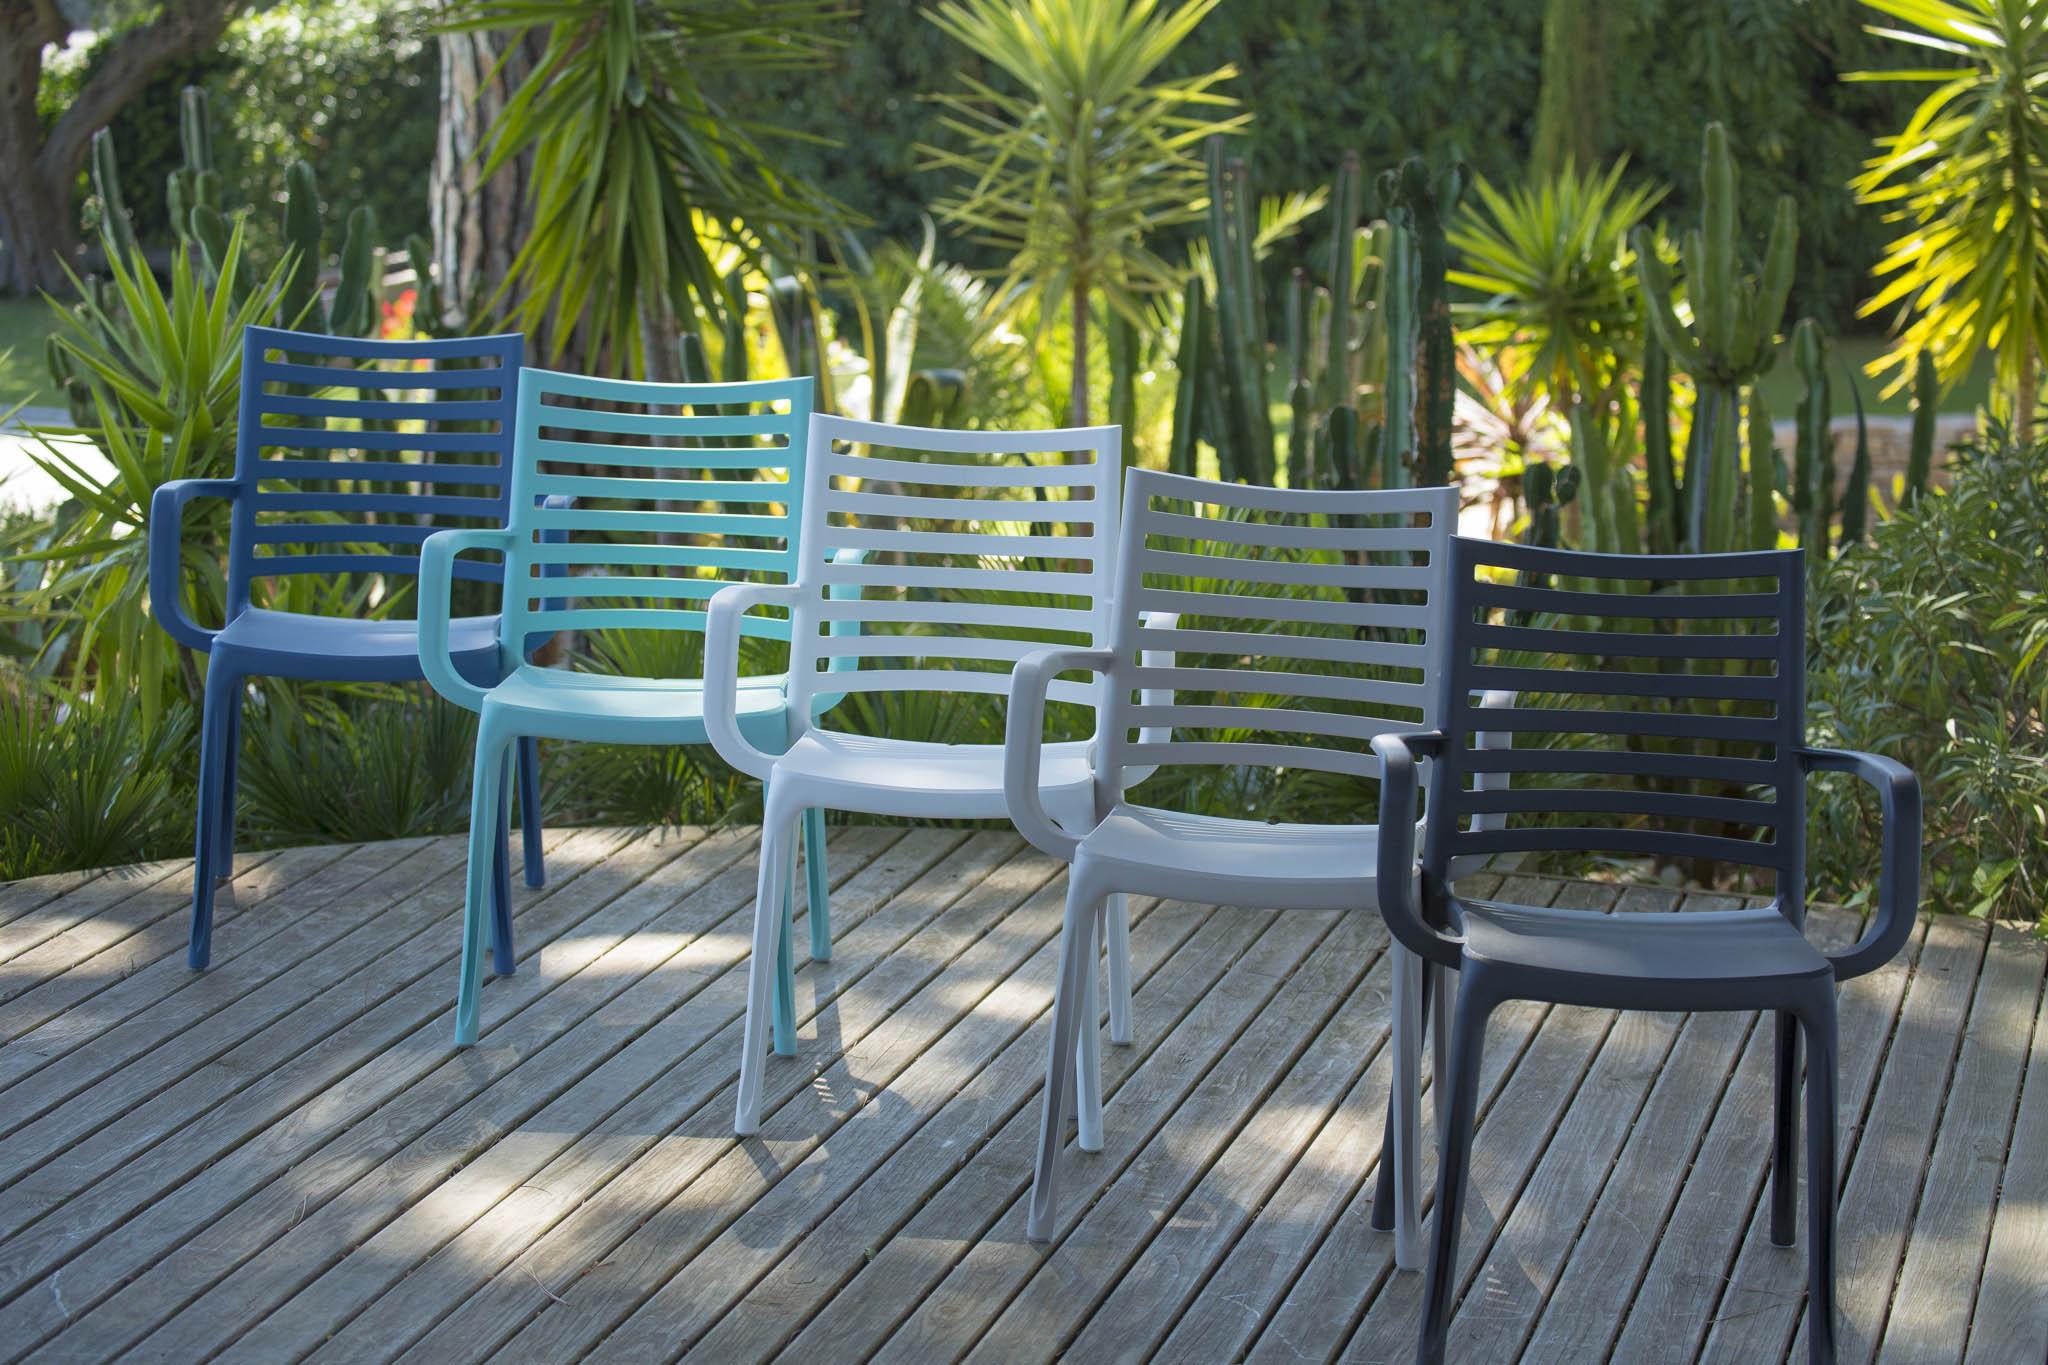 Sunday Garden Chair | Grosfillex dedans Fauteuil De Jardin Grosfillex